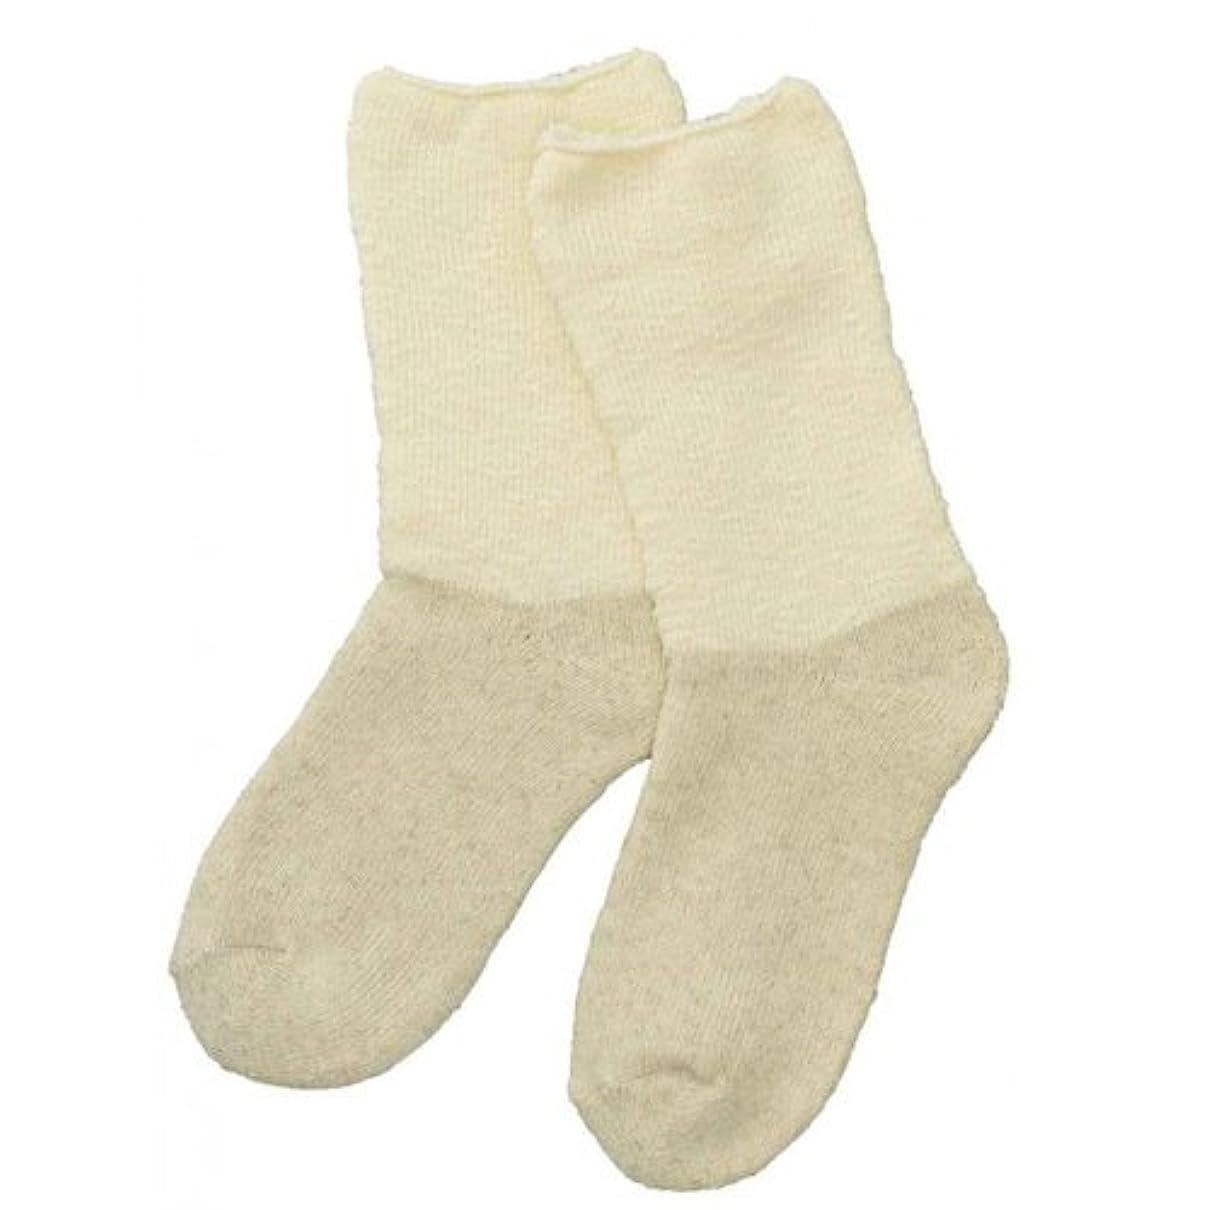 市の中心部ものトランスペアレントCarelance(ケアランス)お風呂上りのやさしい靴下 綿麻パイルで足先さわやか 8706CA-31 クリーム